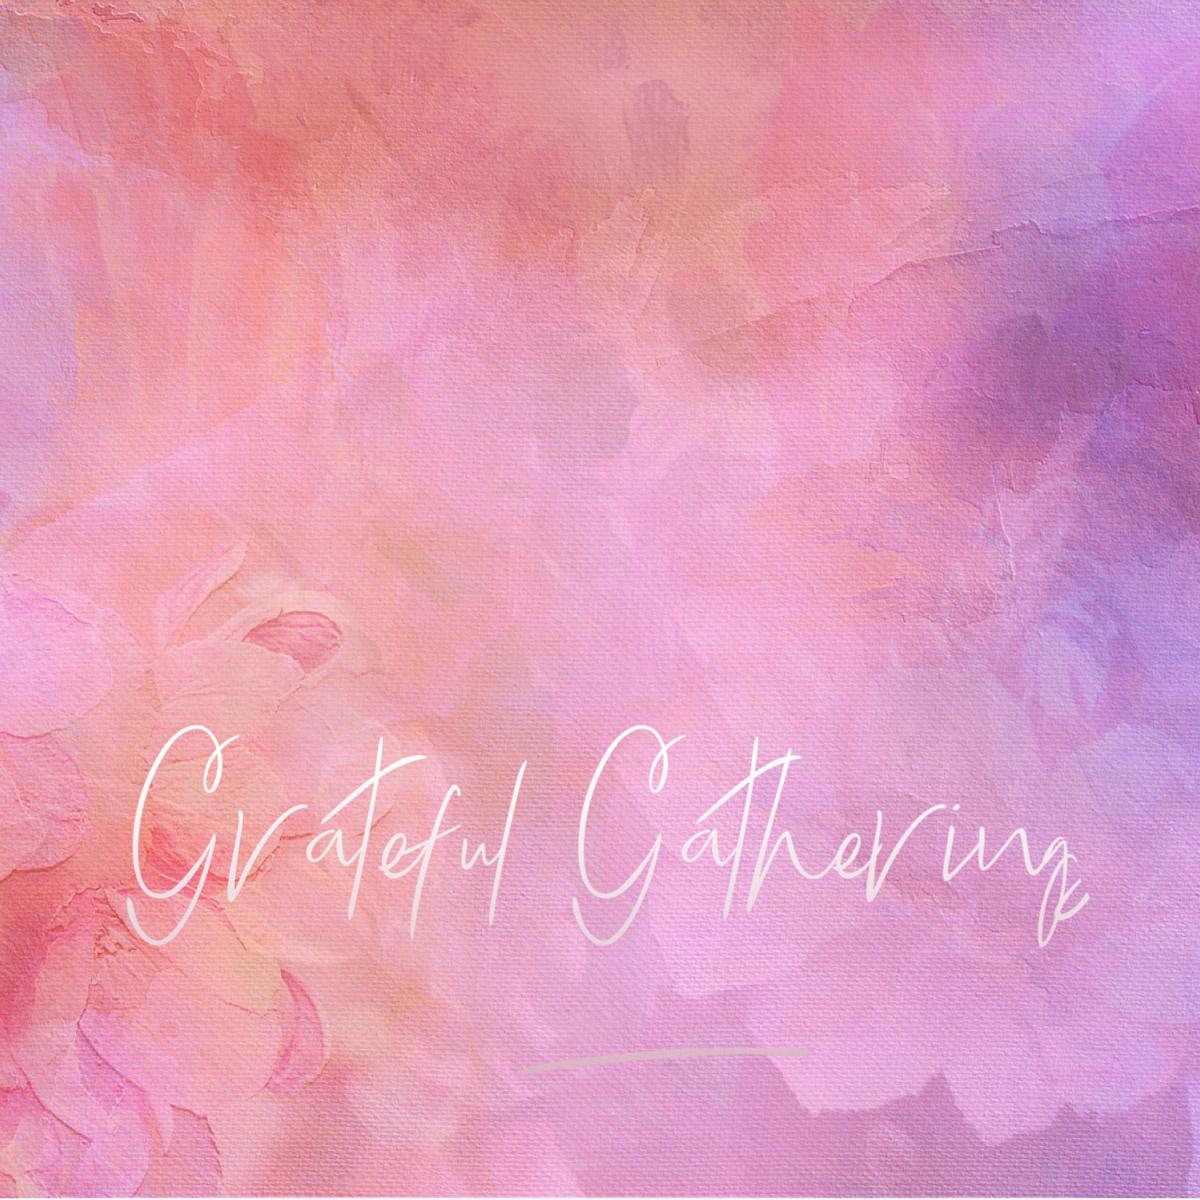 grateful-gatherings-sq